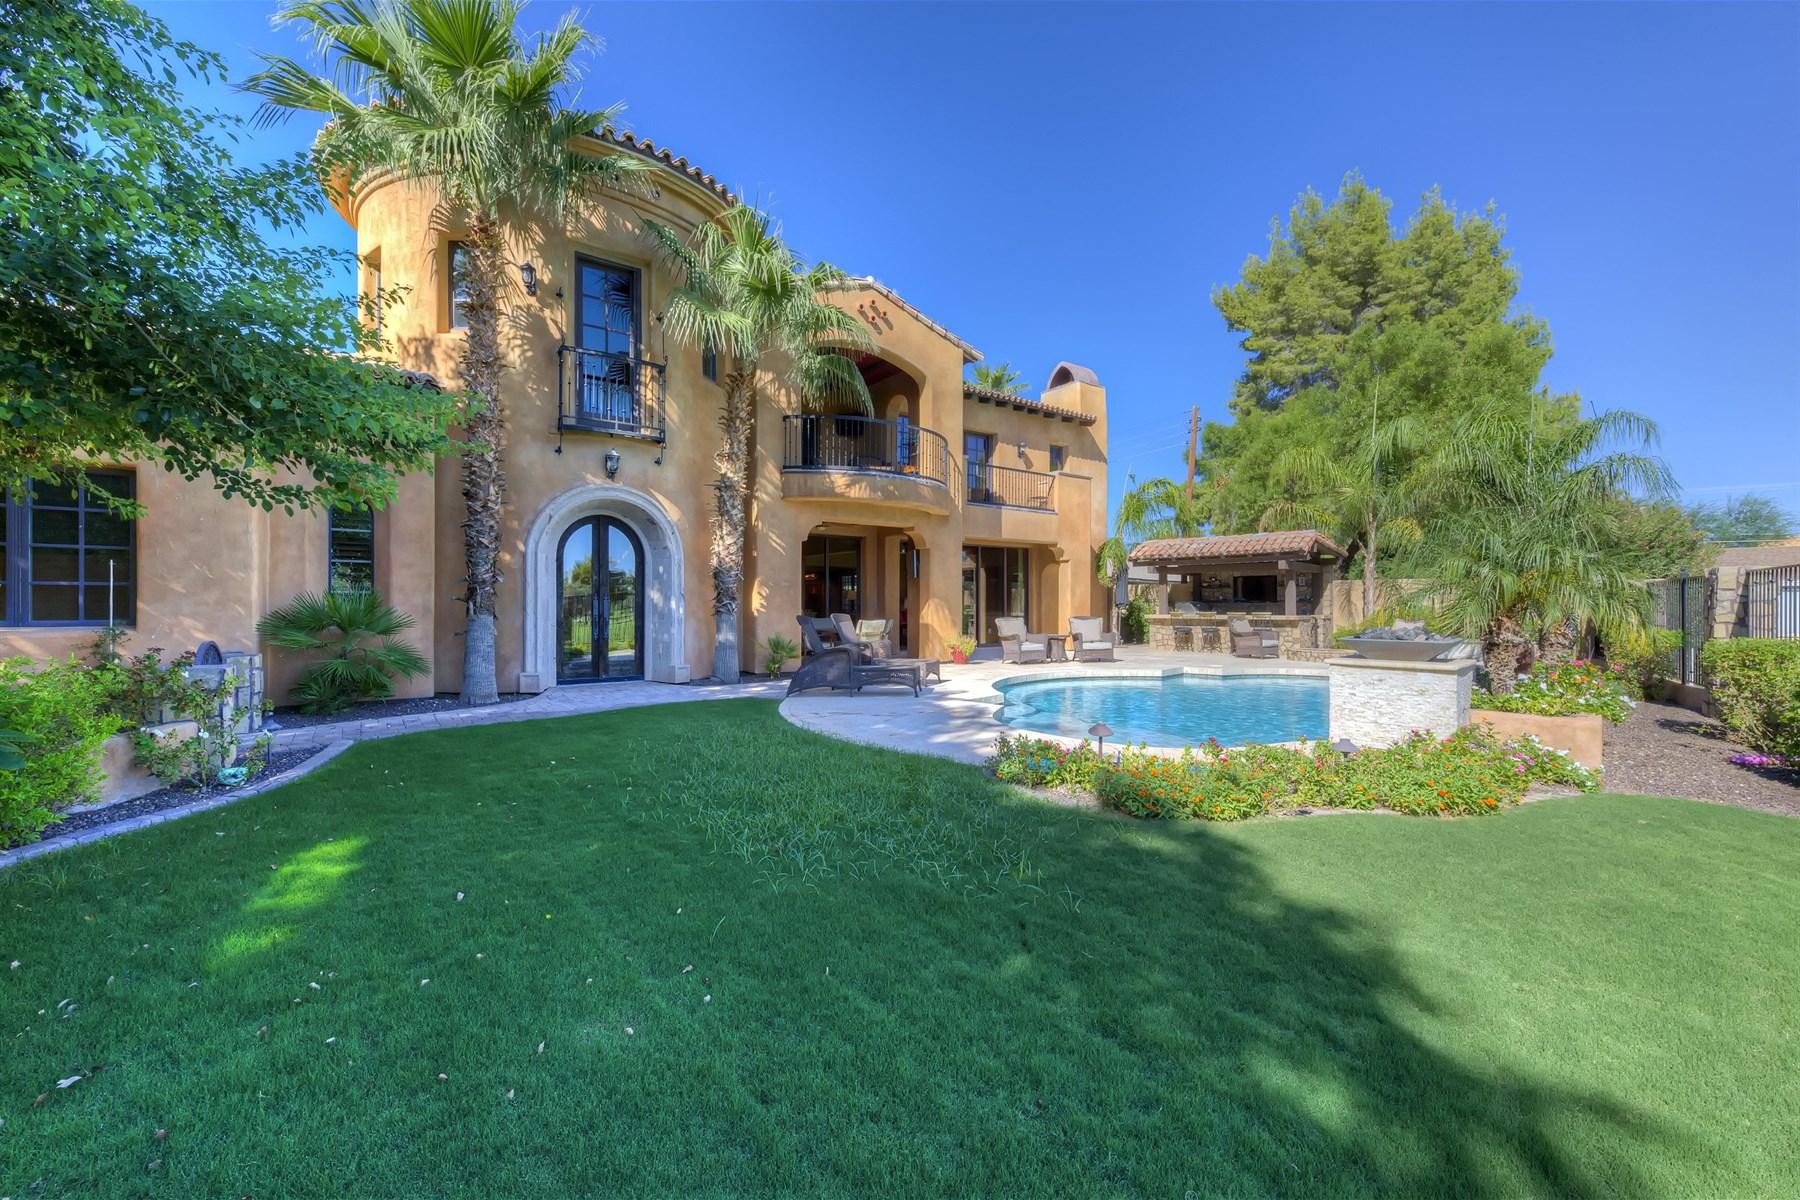 단독 가정 주택 용 매매 에 Extraordinary Home On The 15th Green Of The Arizona Country Club Golf Course 3655 N 59th Place Phoenix, 아리조나 85018 미국